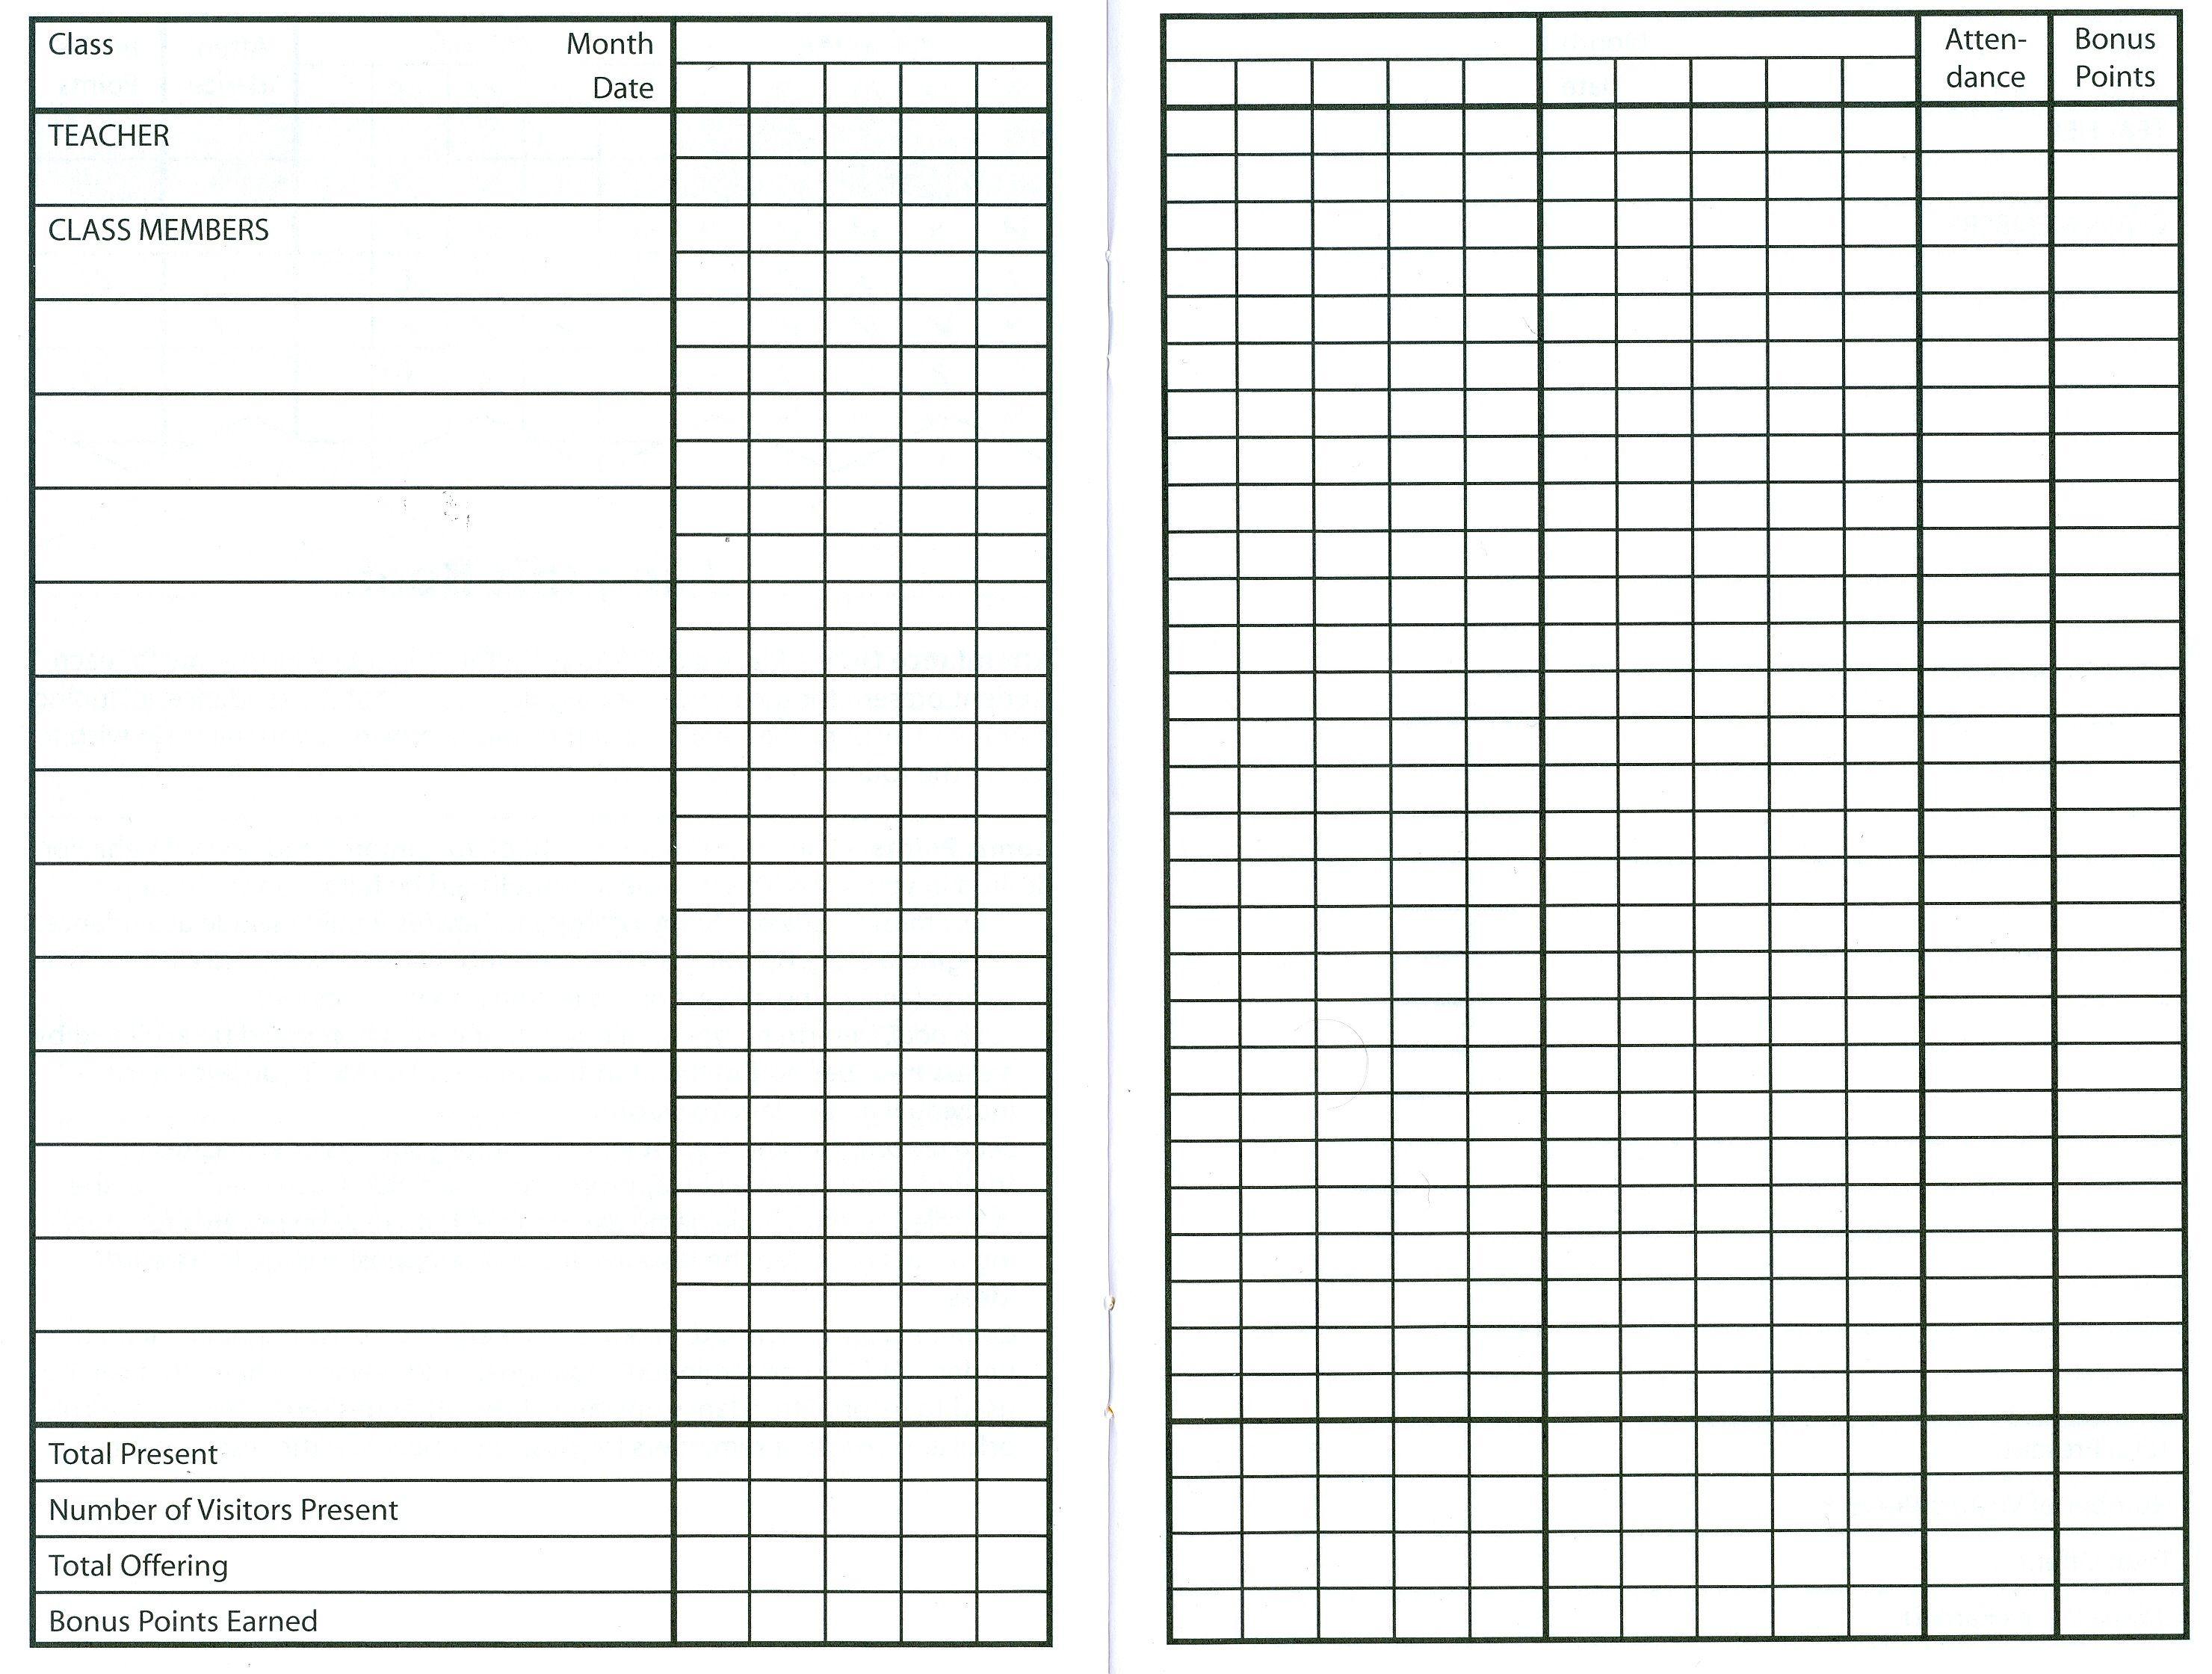 10 Best Images Of Sunday School Attendance Sheet Template Free - Free Printable Sunday School Attendance Sheet